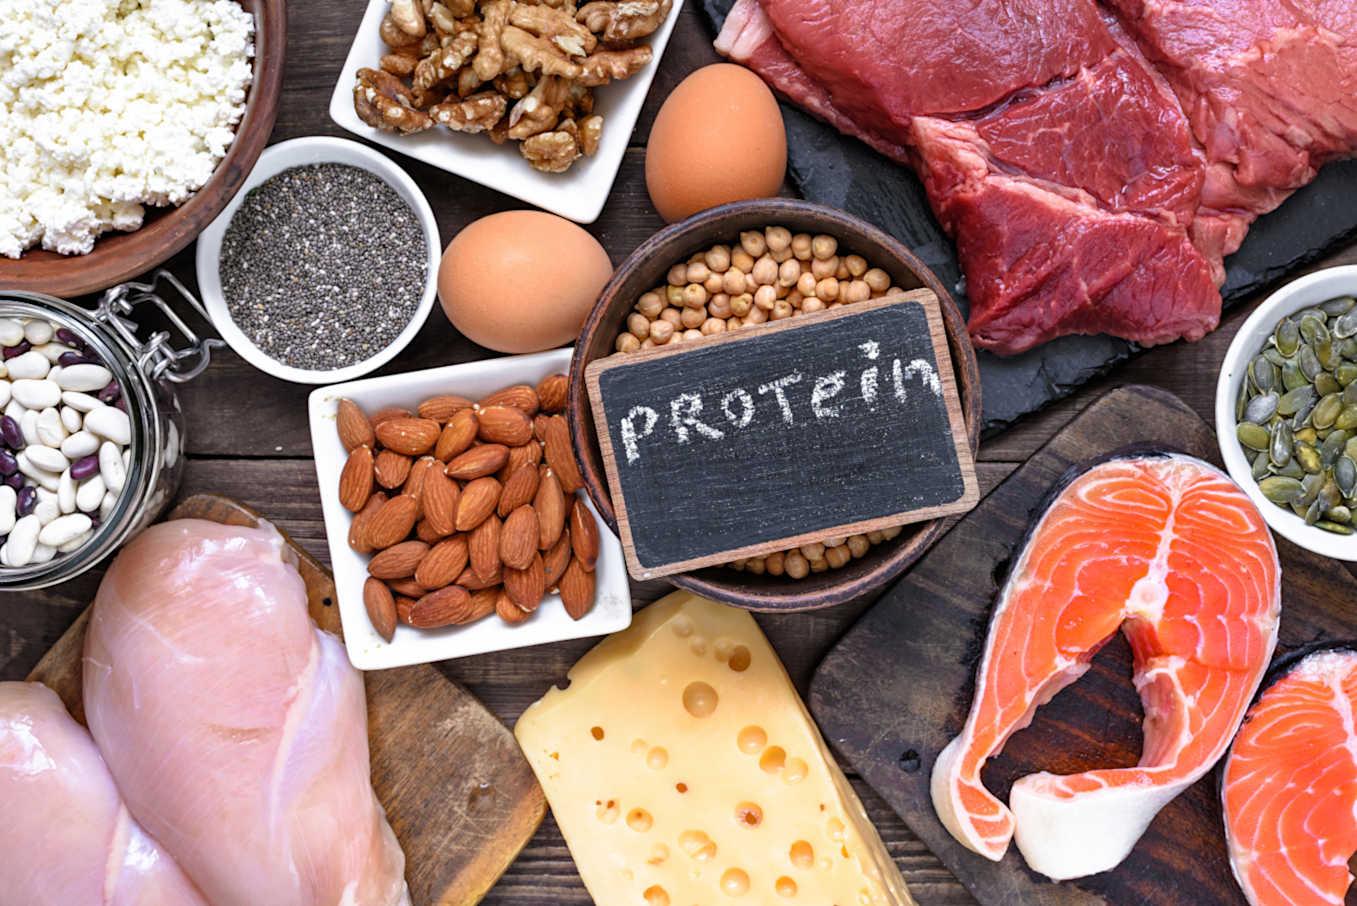 حمية غذائيّة لإنقاص الوزن بسرعة